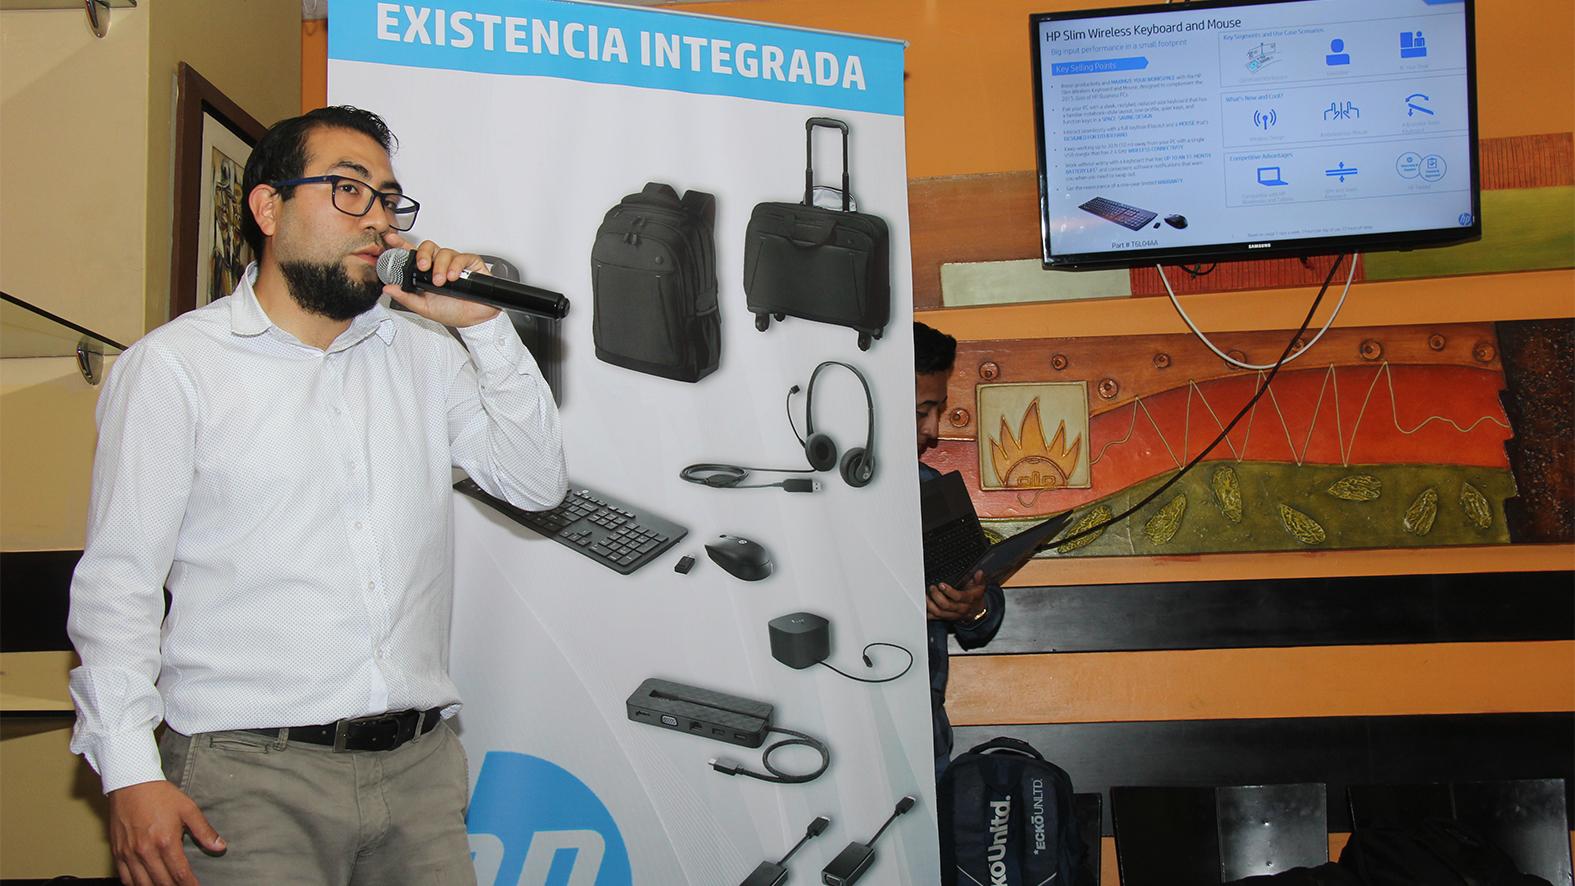 Noche de karaoke para el canal de HP y Compudiskett - Noticias de Tecnología ne Perú